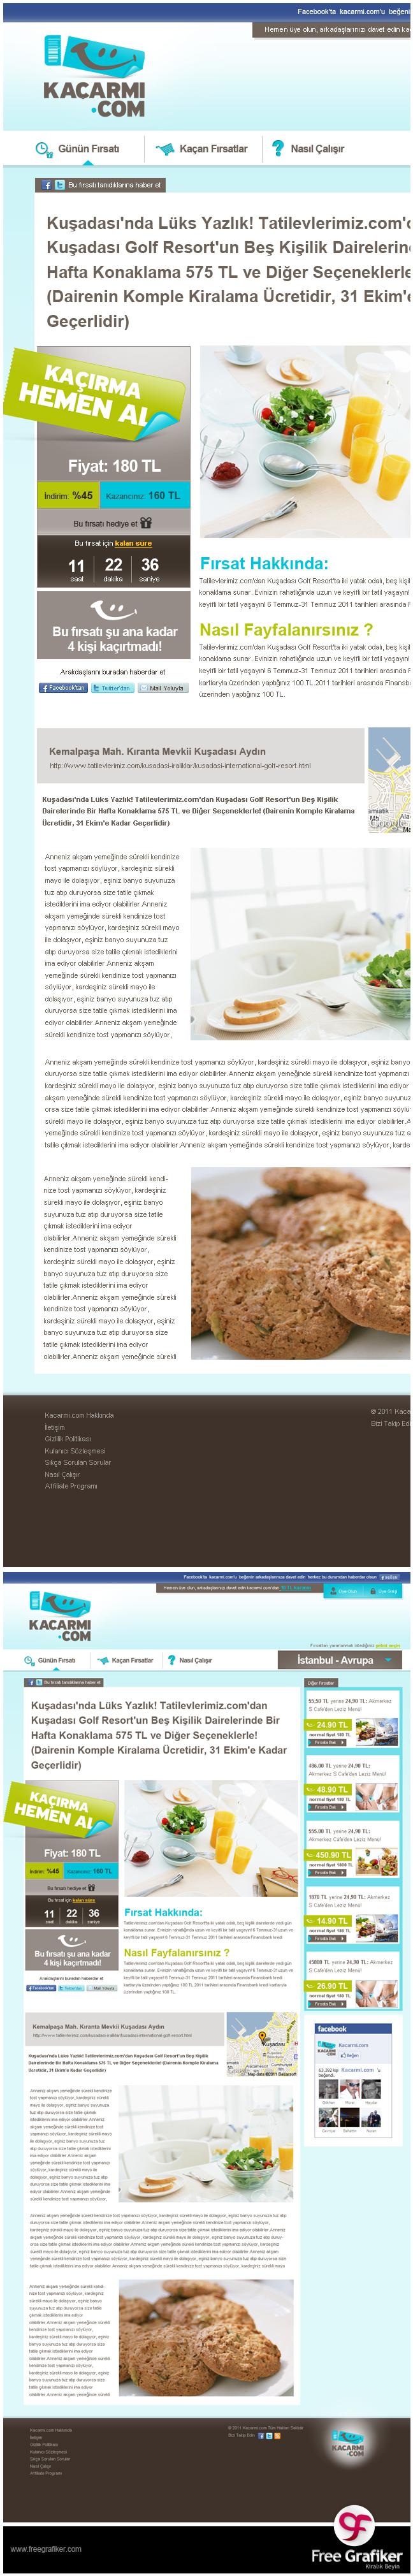 Kacarmi.com fırsat sitesi tasarımı